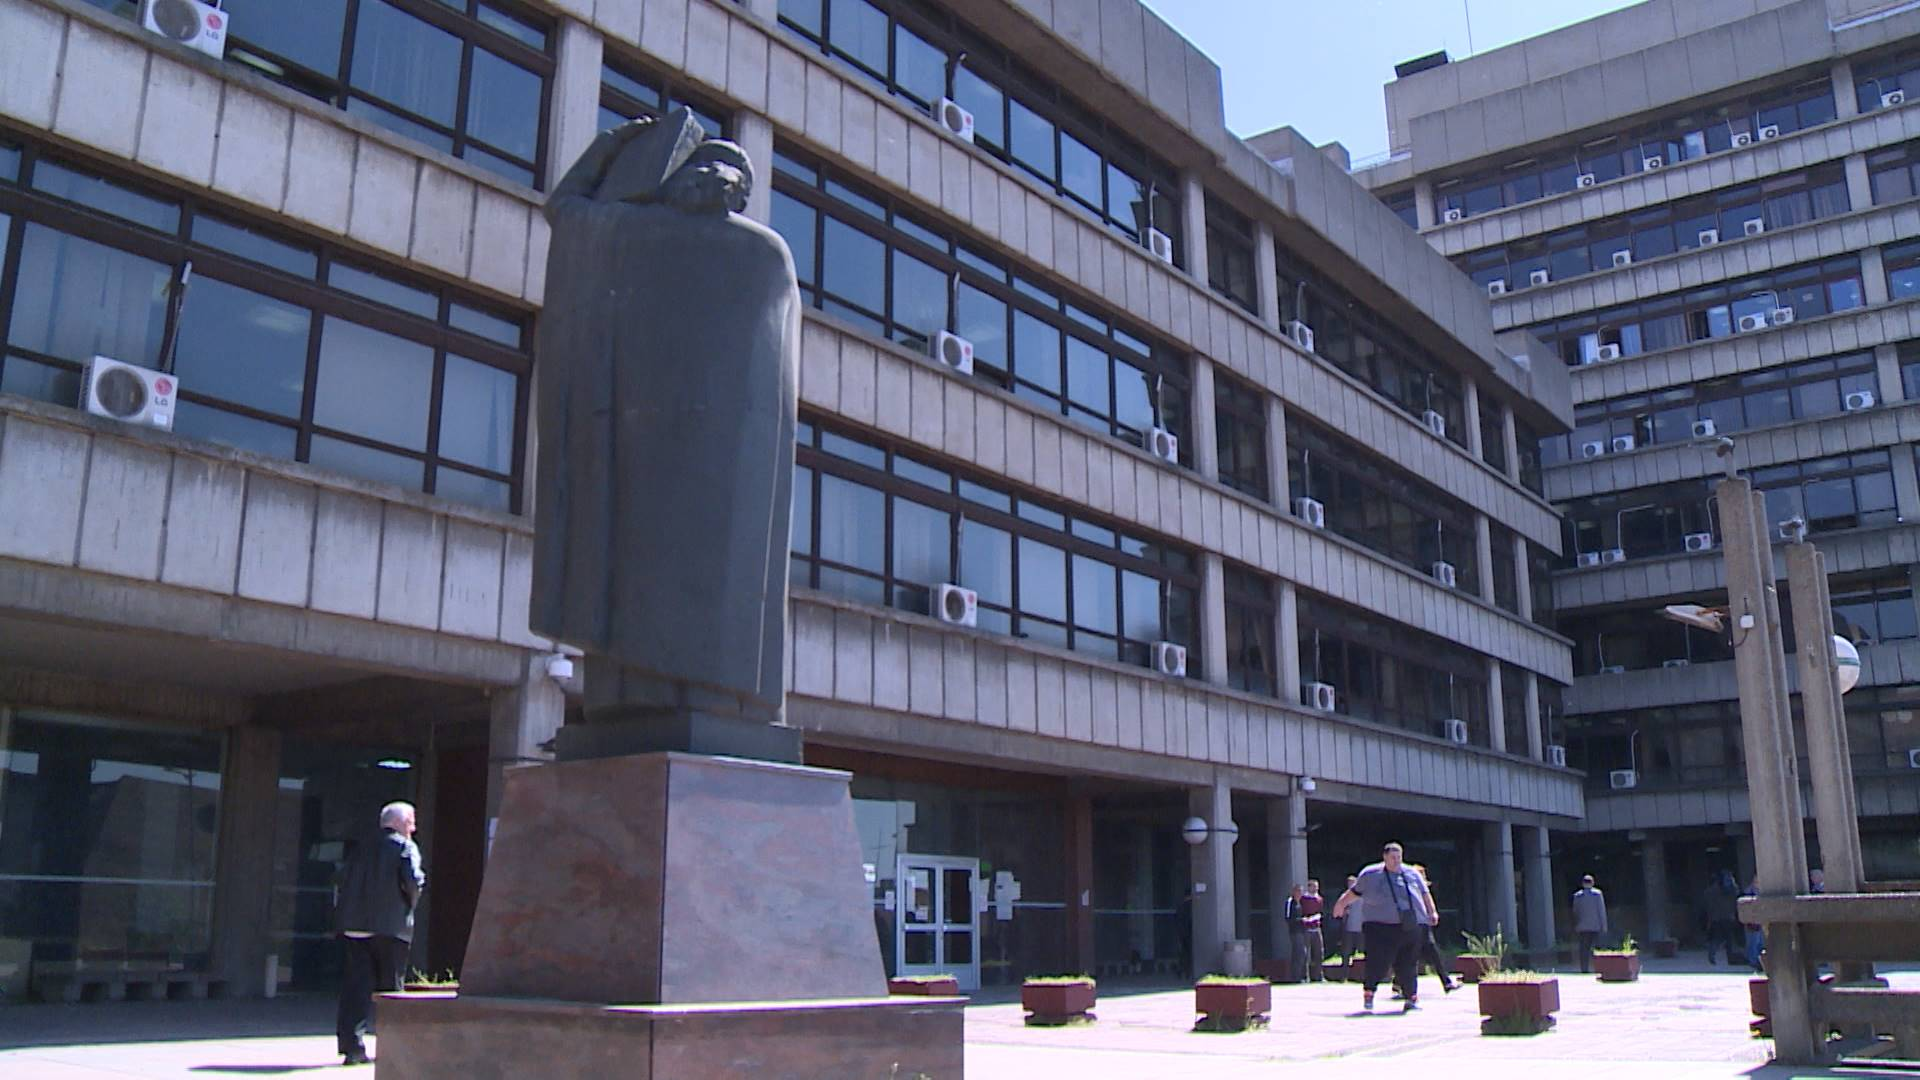 Stručnjaci o predstojećem polugodišnjem izveštaju Evropske komisije o vladavini prava u Srbiji Stručnjaci CEPRIS-a nude svoje viđenje stanja u pravosuđu i rešenja